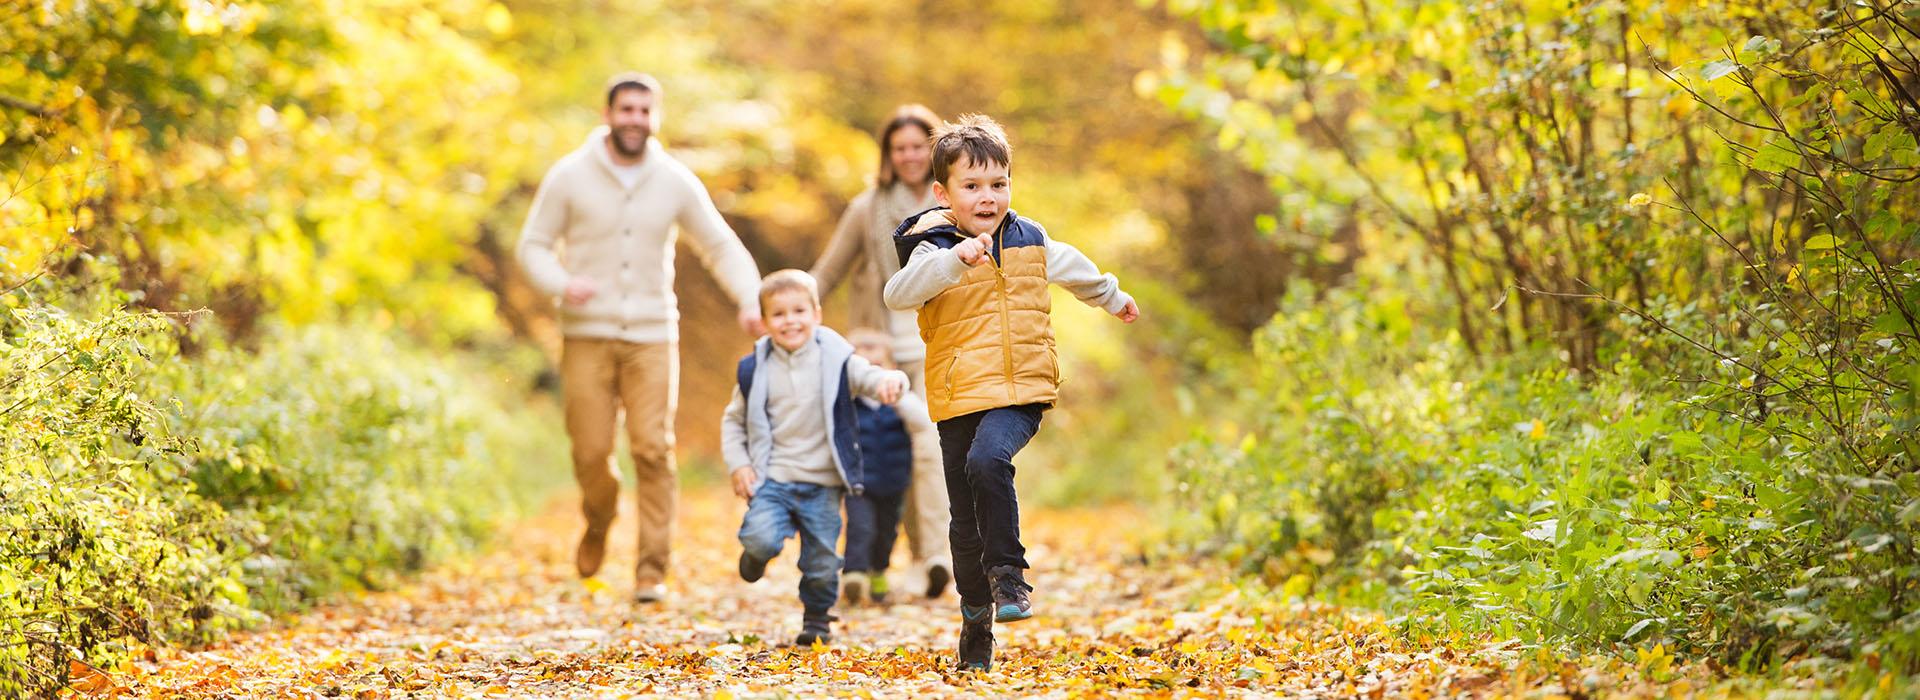 Tukea perheille - terapeuttiset palvelut perheille •OmakaS Oy